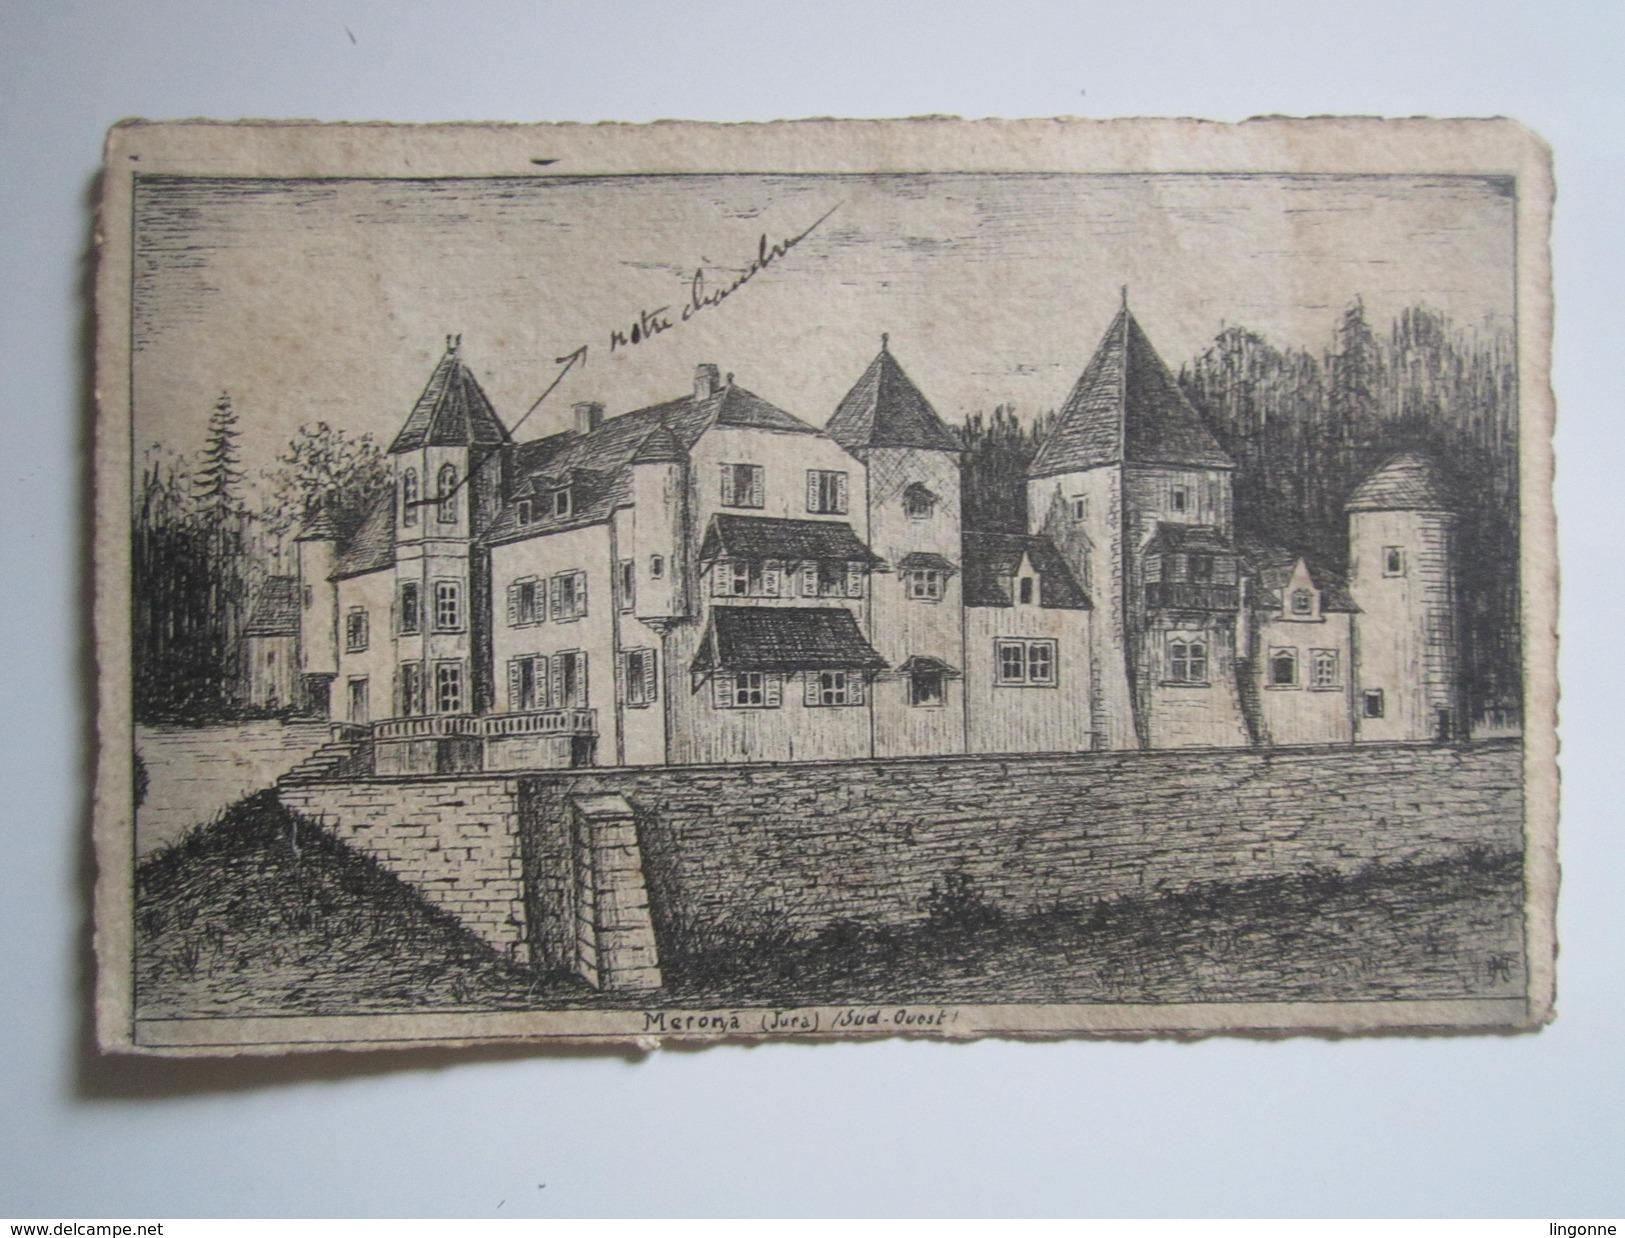 MERONA (Jura) (Sud-Ouest) - Oblitération OR - JEHAN ABET Par RIEC 1909 - Autres Communes